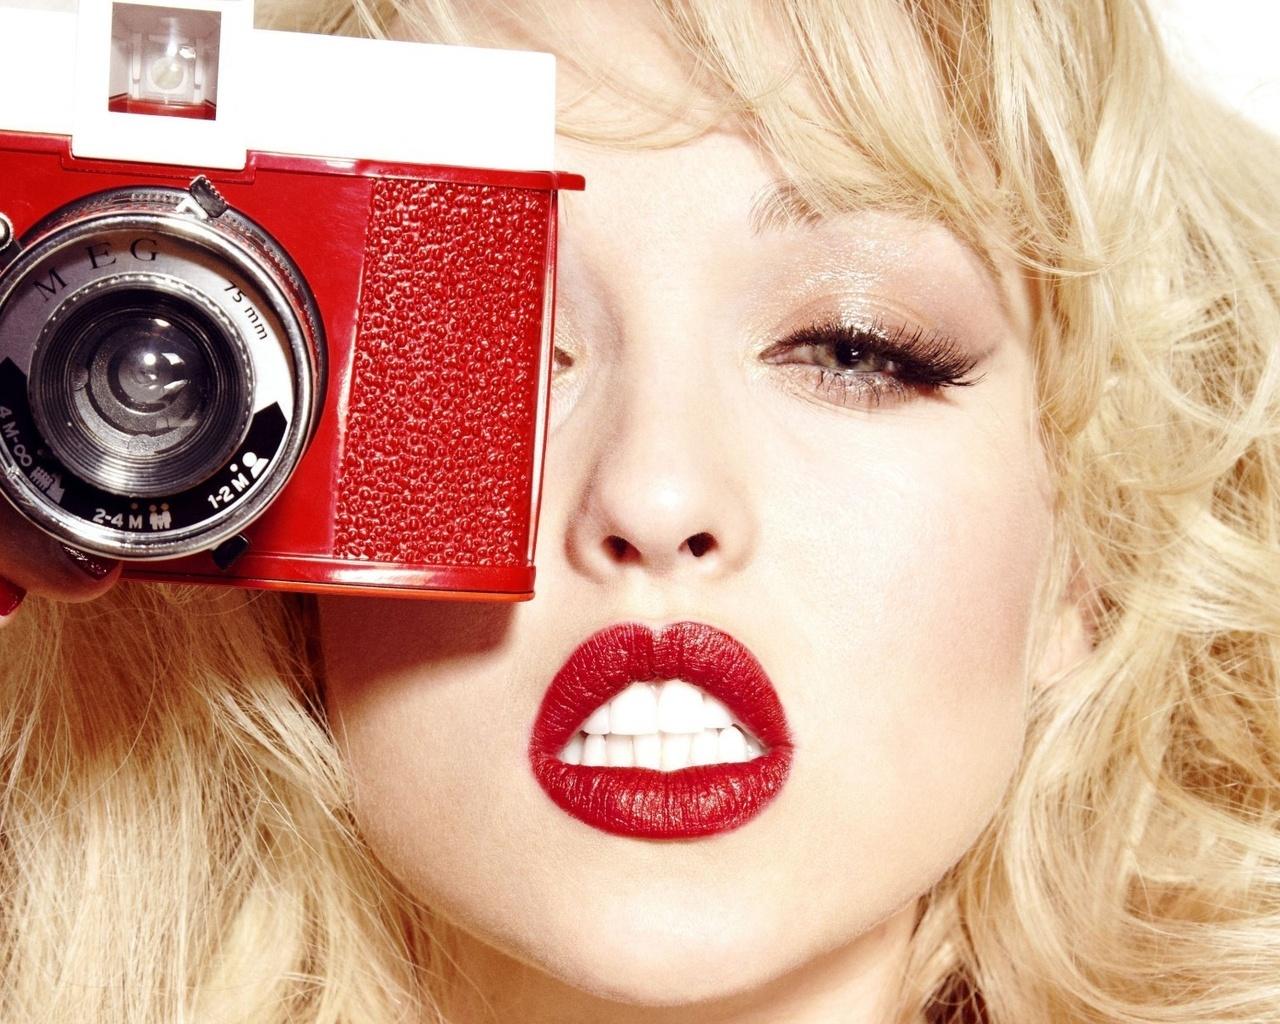 Фото девушки губы красные блондинка